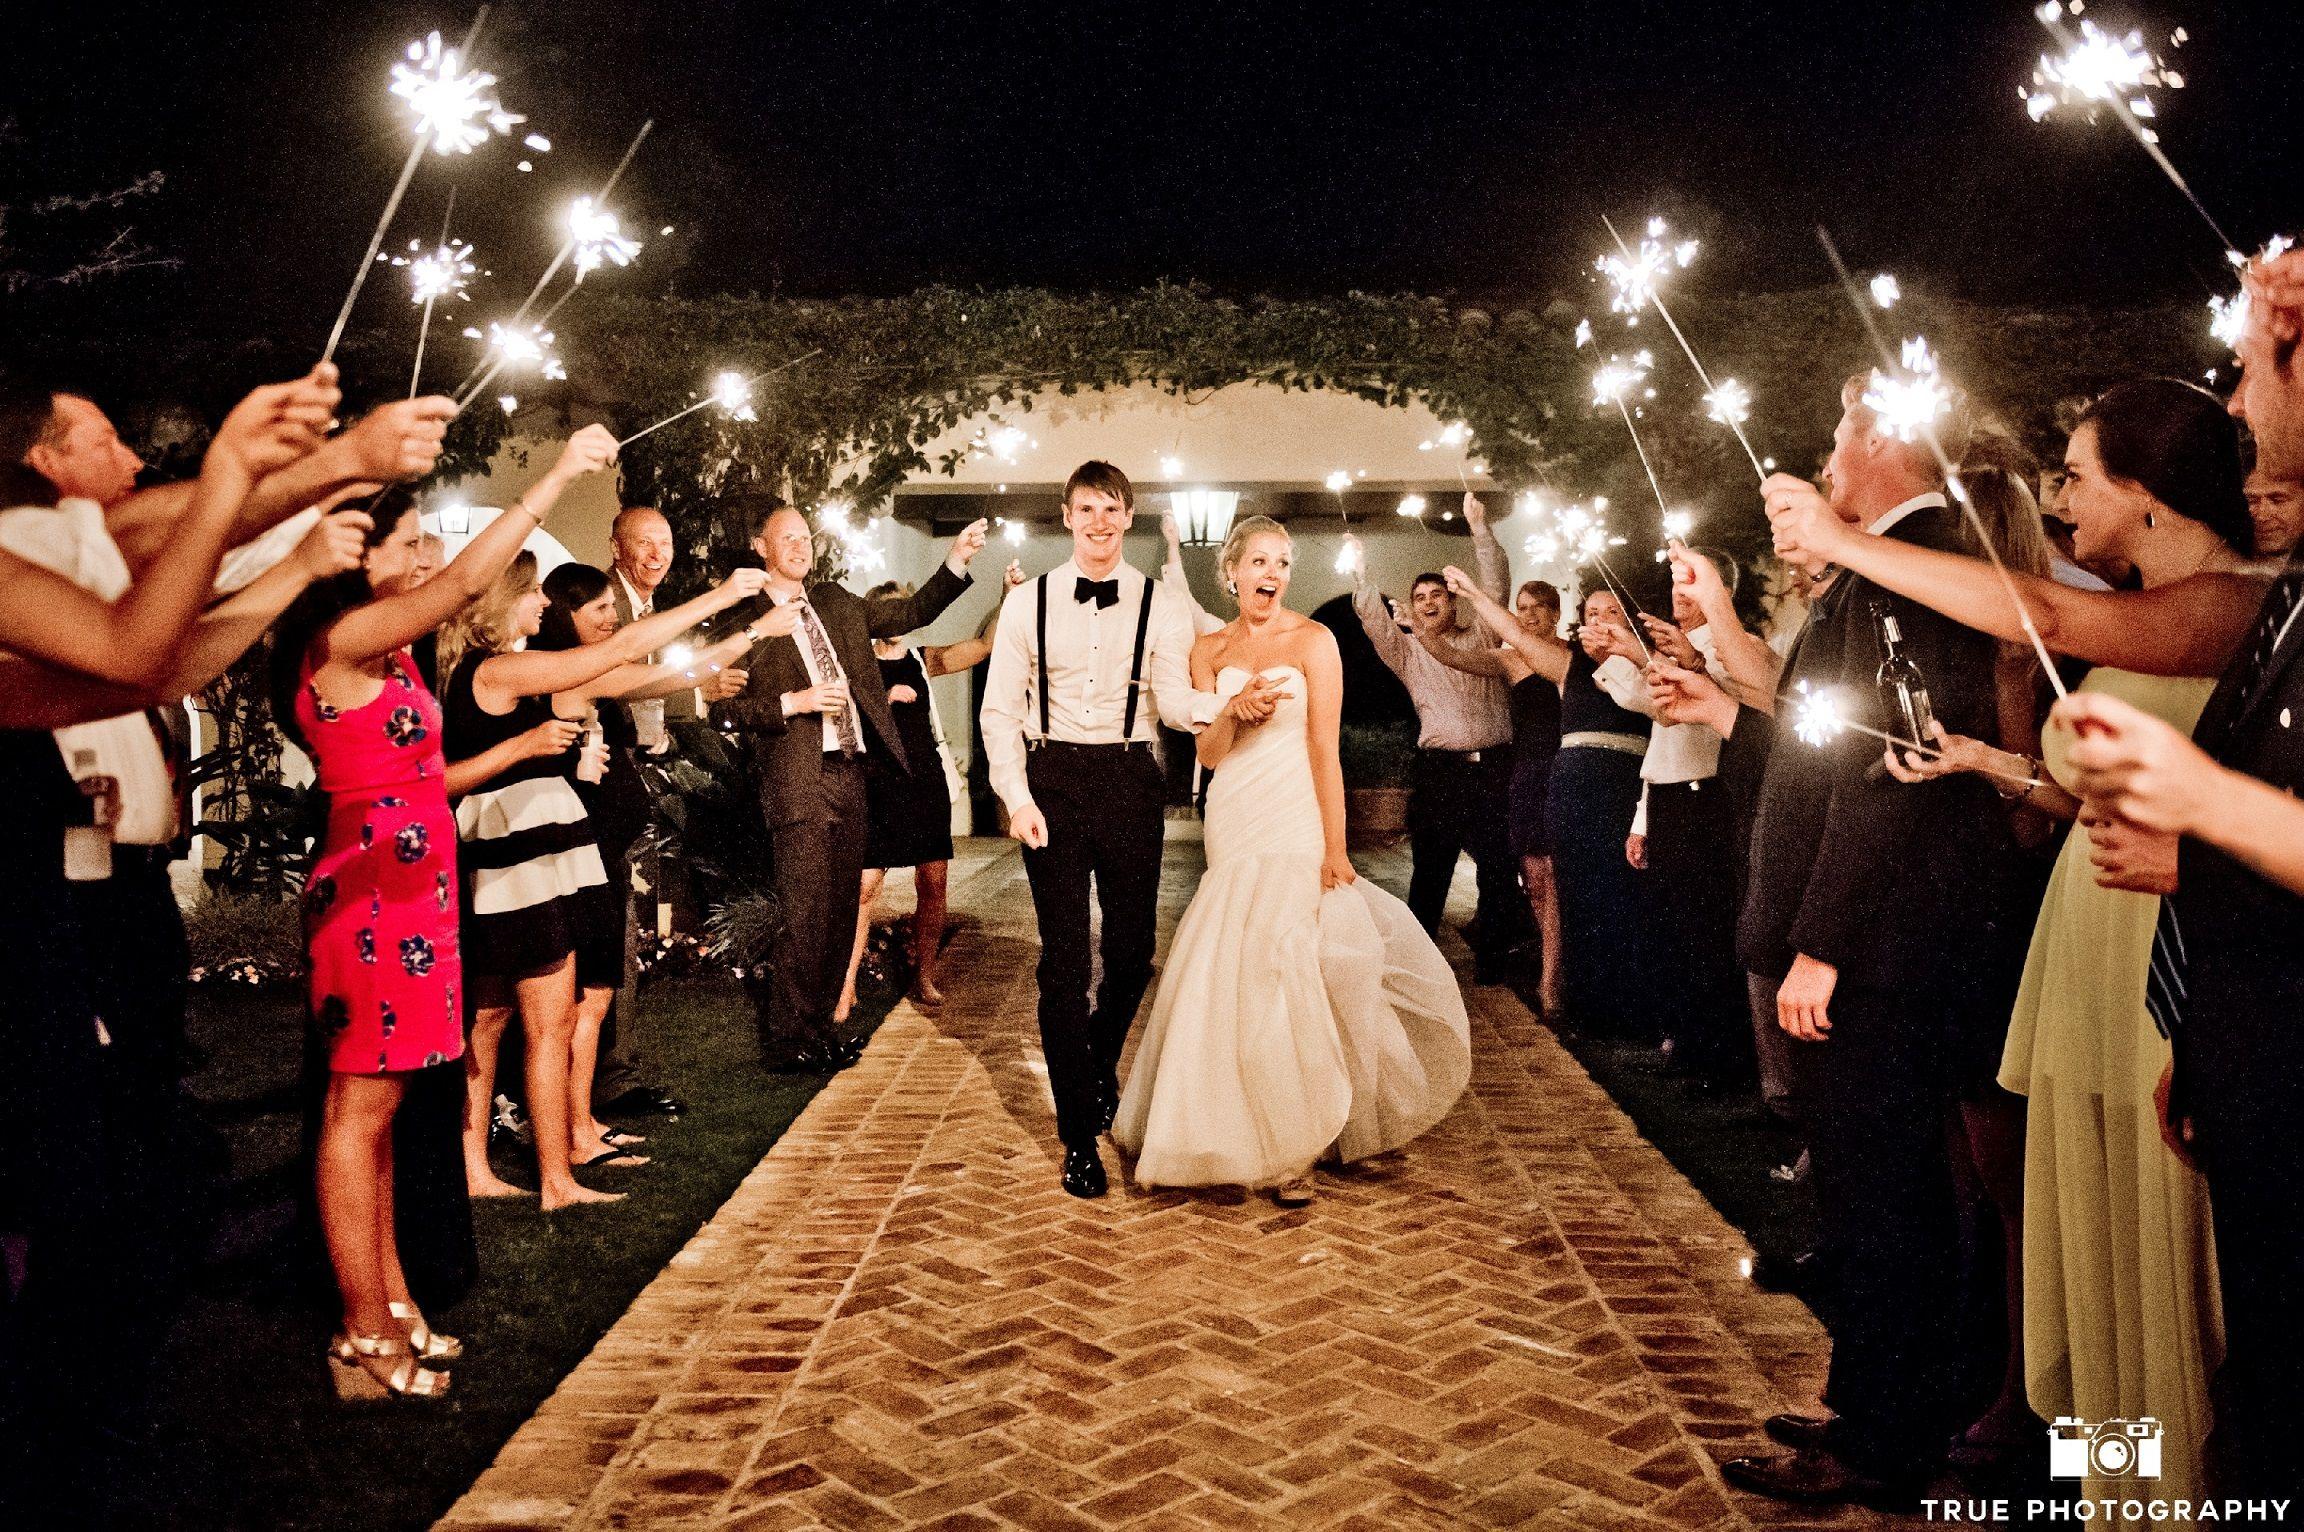 Wedding Sparklers Sparklers For Weddings Sparklers For Sale